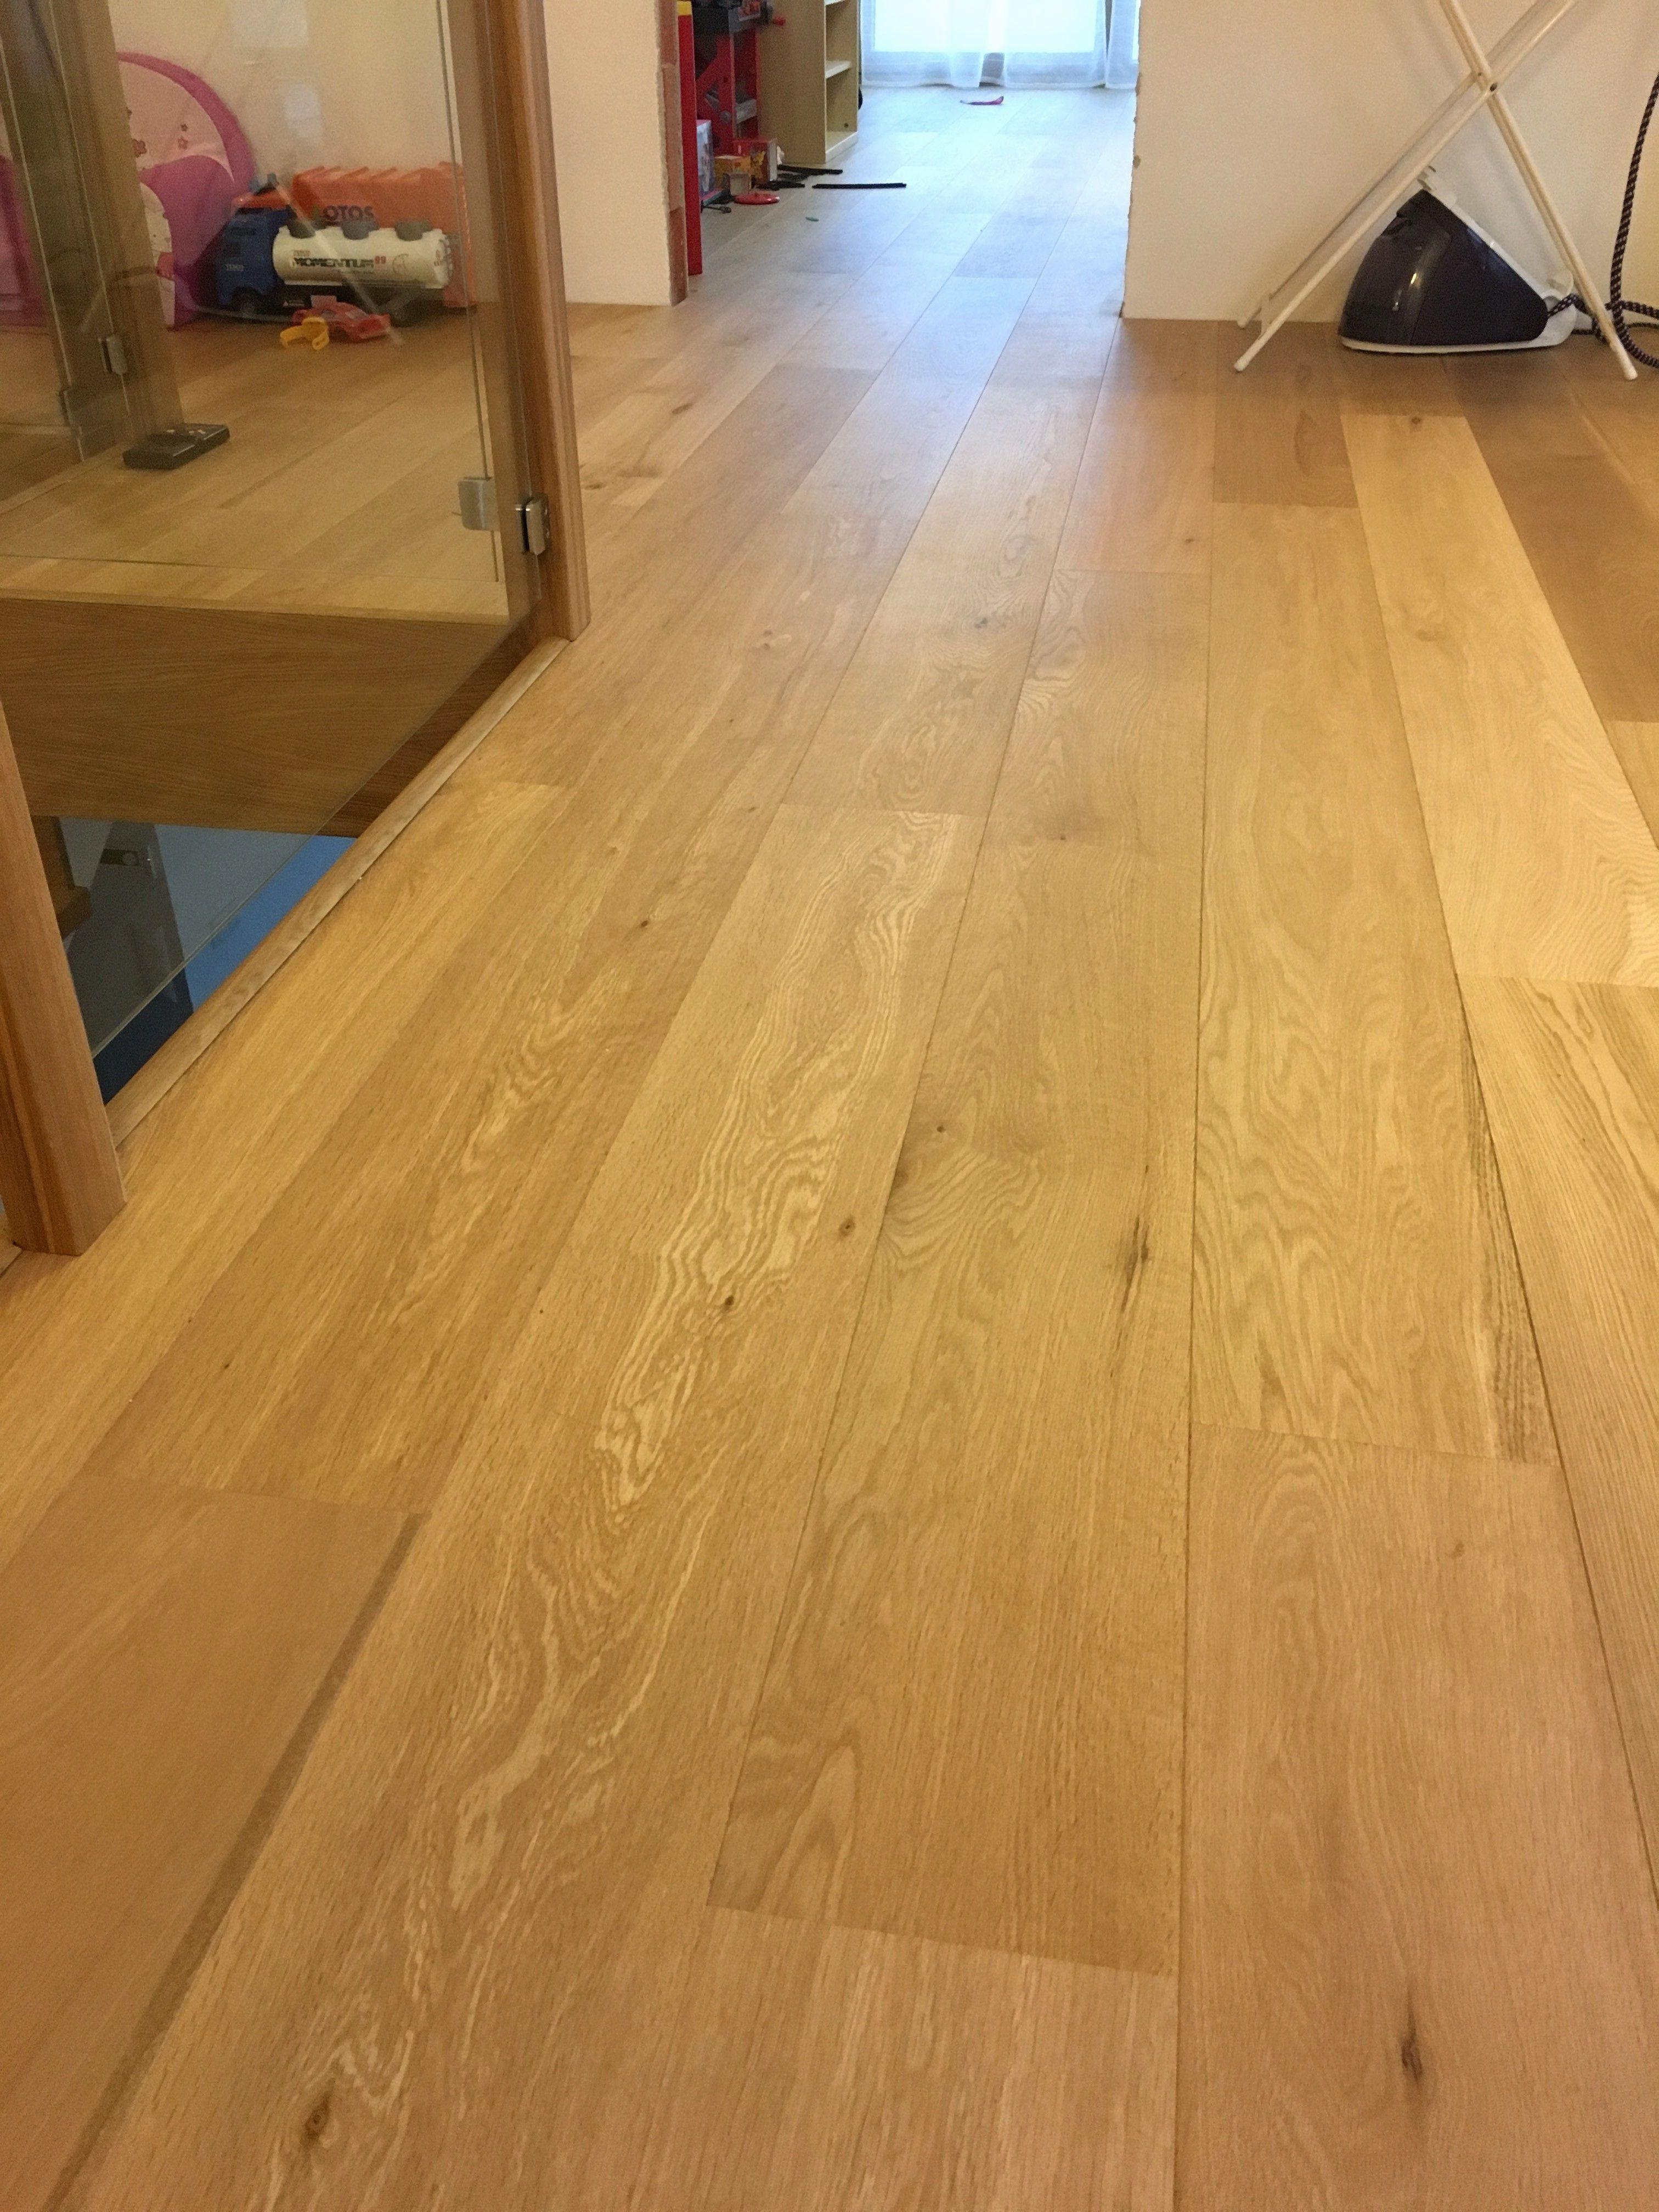 hardwood floor installation estimate of wood floor installation cost floor plan ideas with wood floor installation cost 40 difference between laminate and hardwood flooring ideas